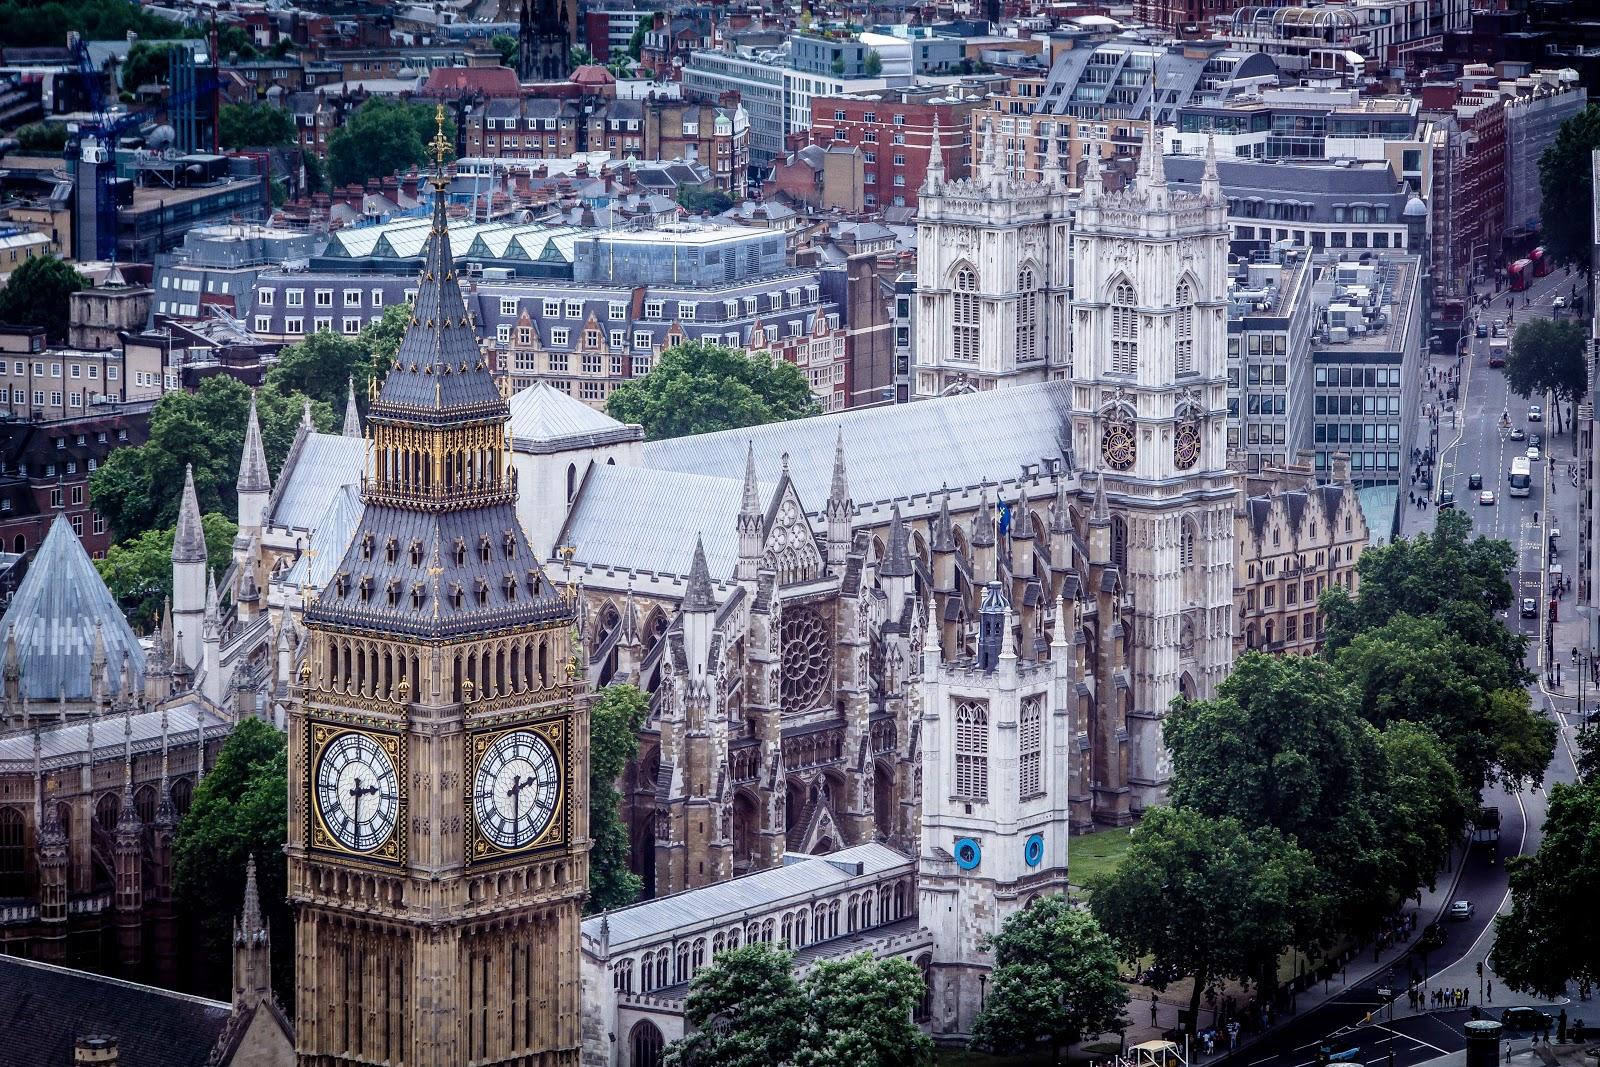 ロンドンの時計台(ビッグベン)付近の爽やかな町並み